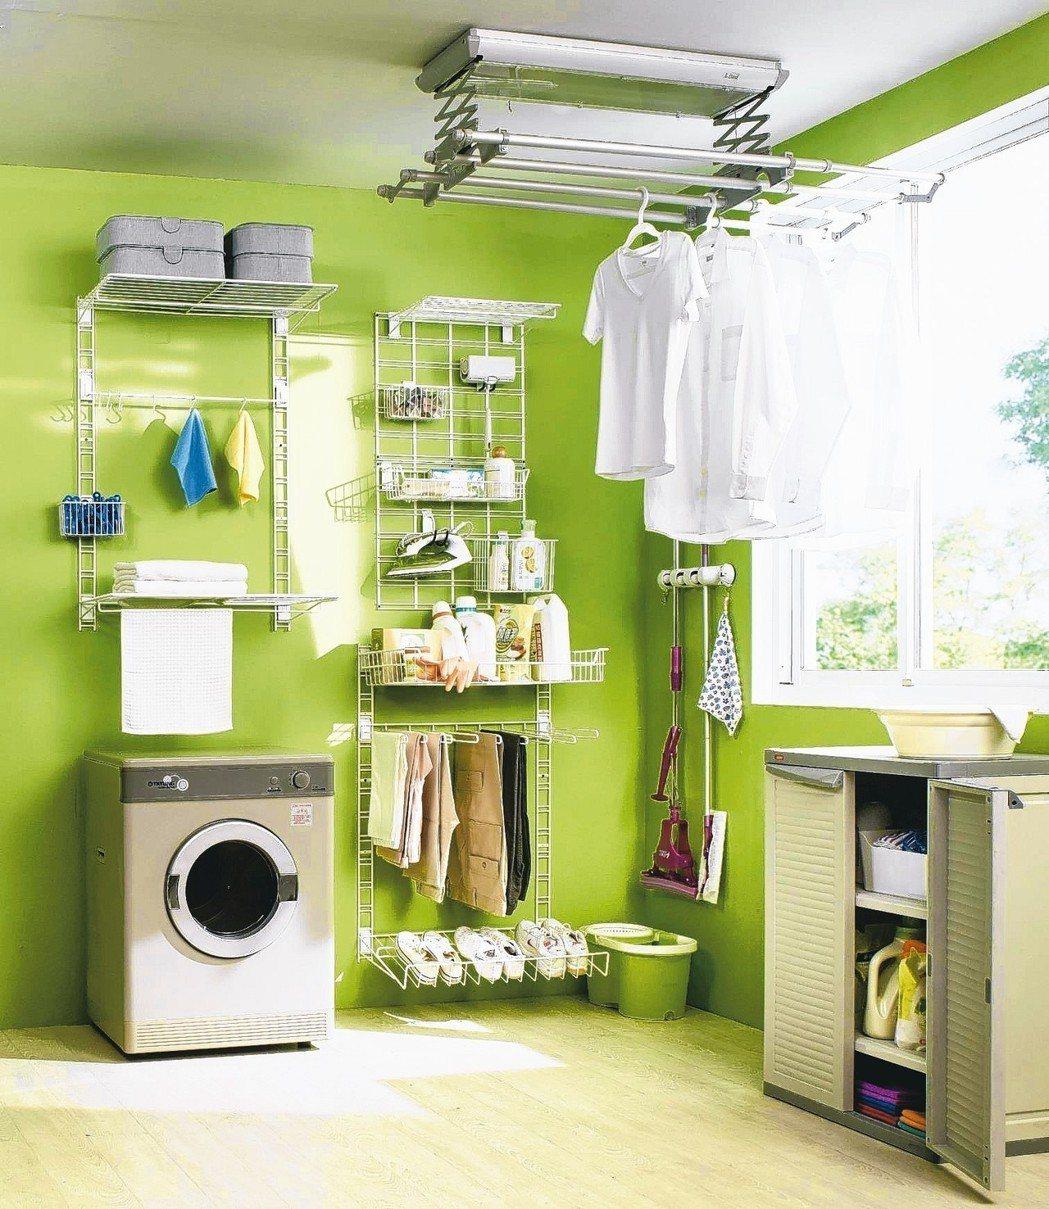 壁面收納系列,掛鉤、掛籃、褲架、鞋架,隨需要自由加掛,牆有多大,收納空間就有多少...